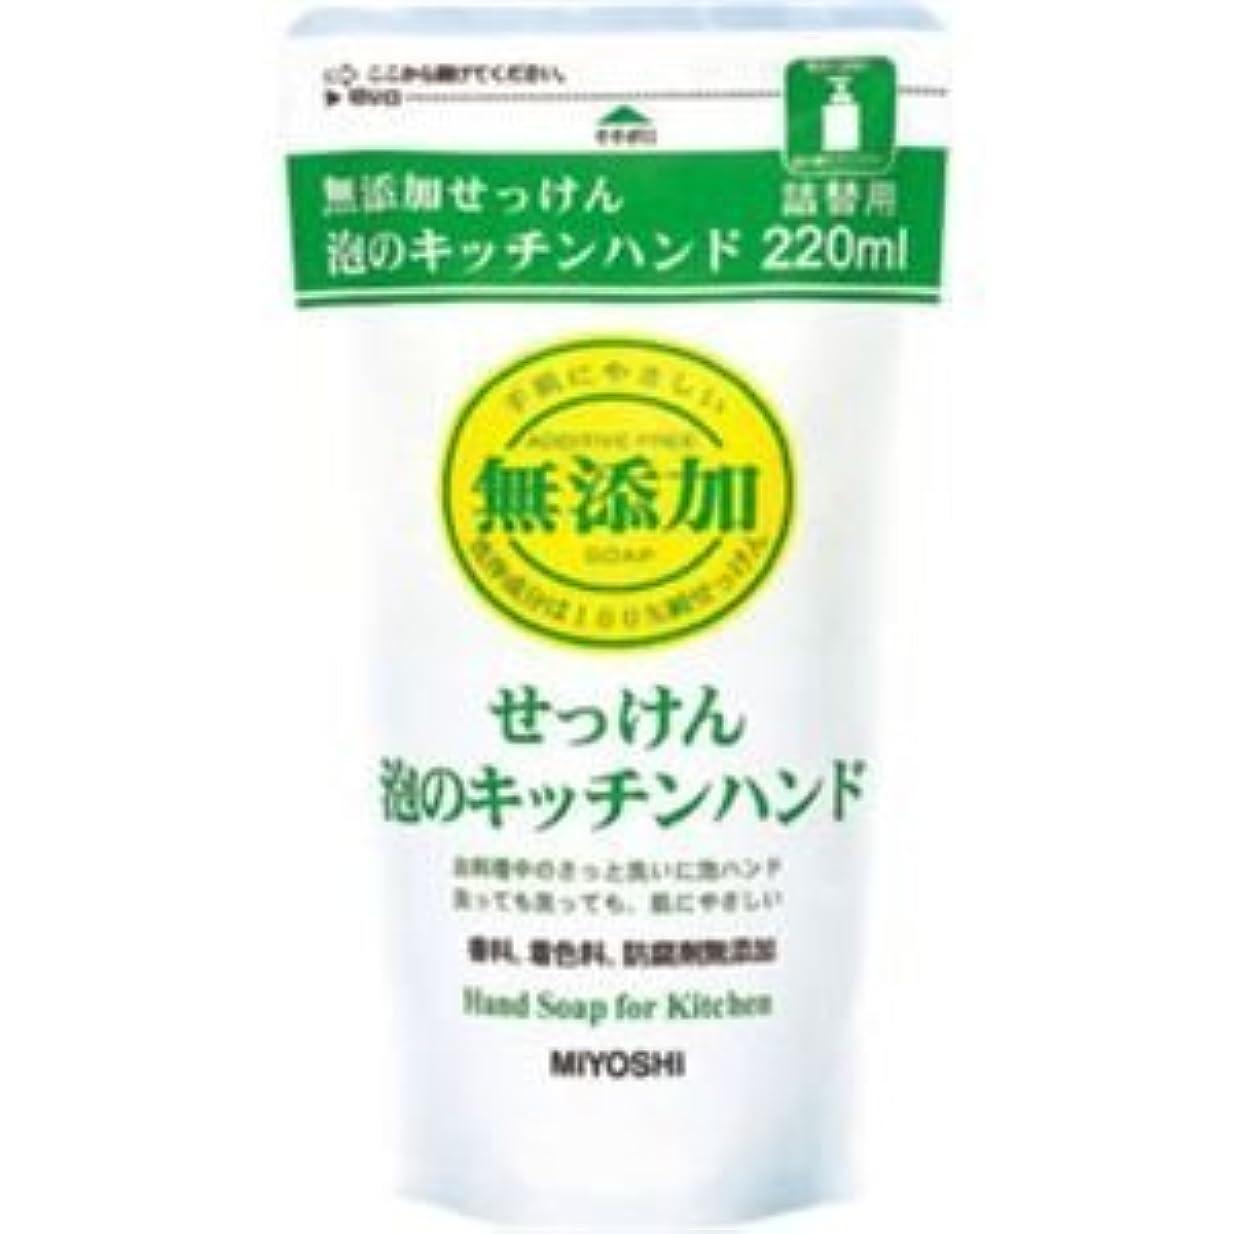 電池ソーダ水サイクロプスミヨシ 無添加 キッチンハンドソープ つめかえ用 220ml(無添加石鹸) 14セット